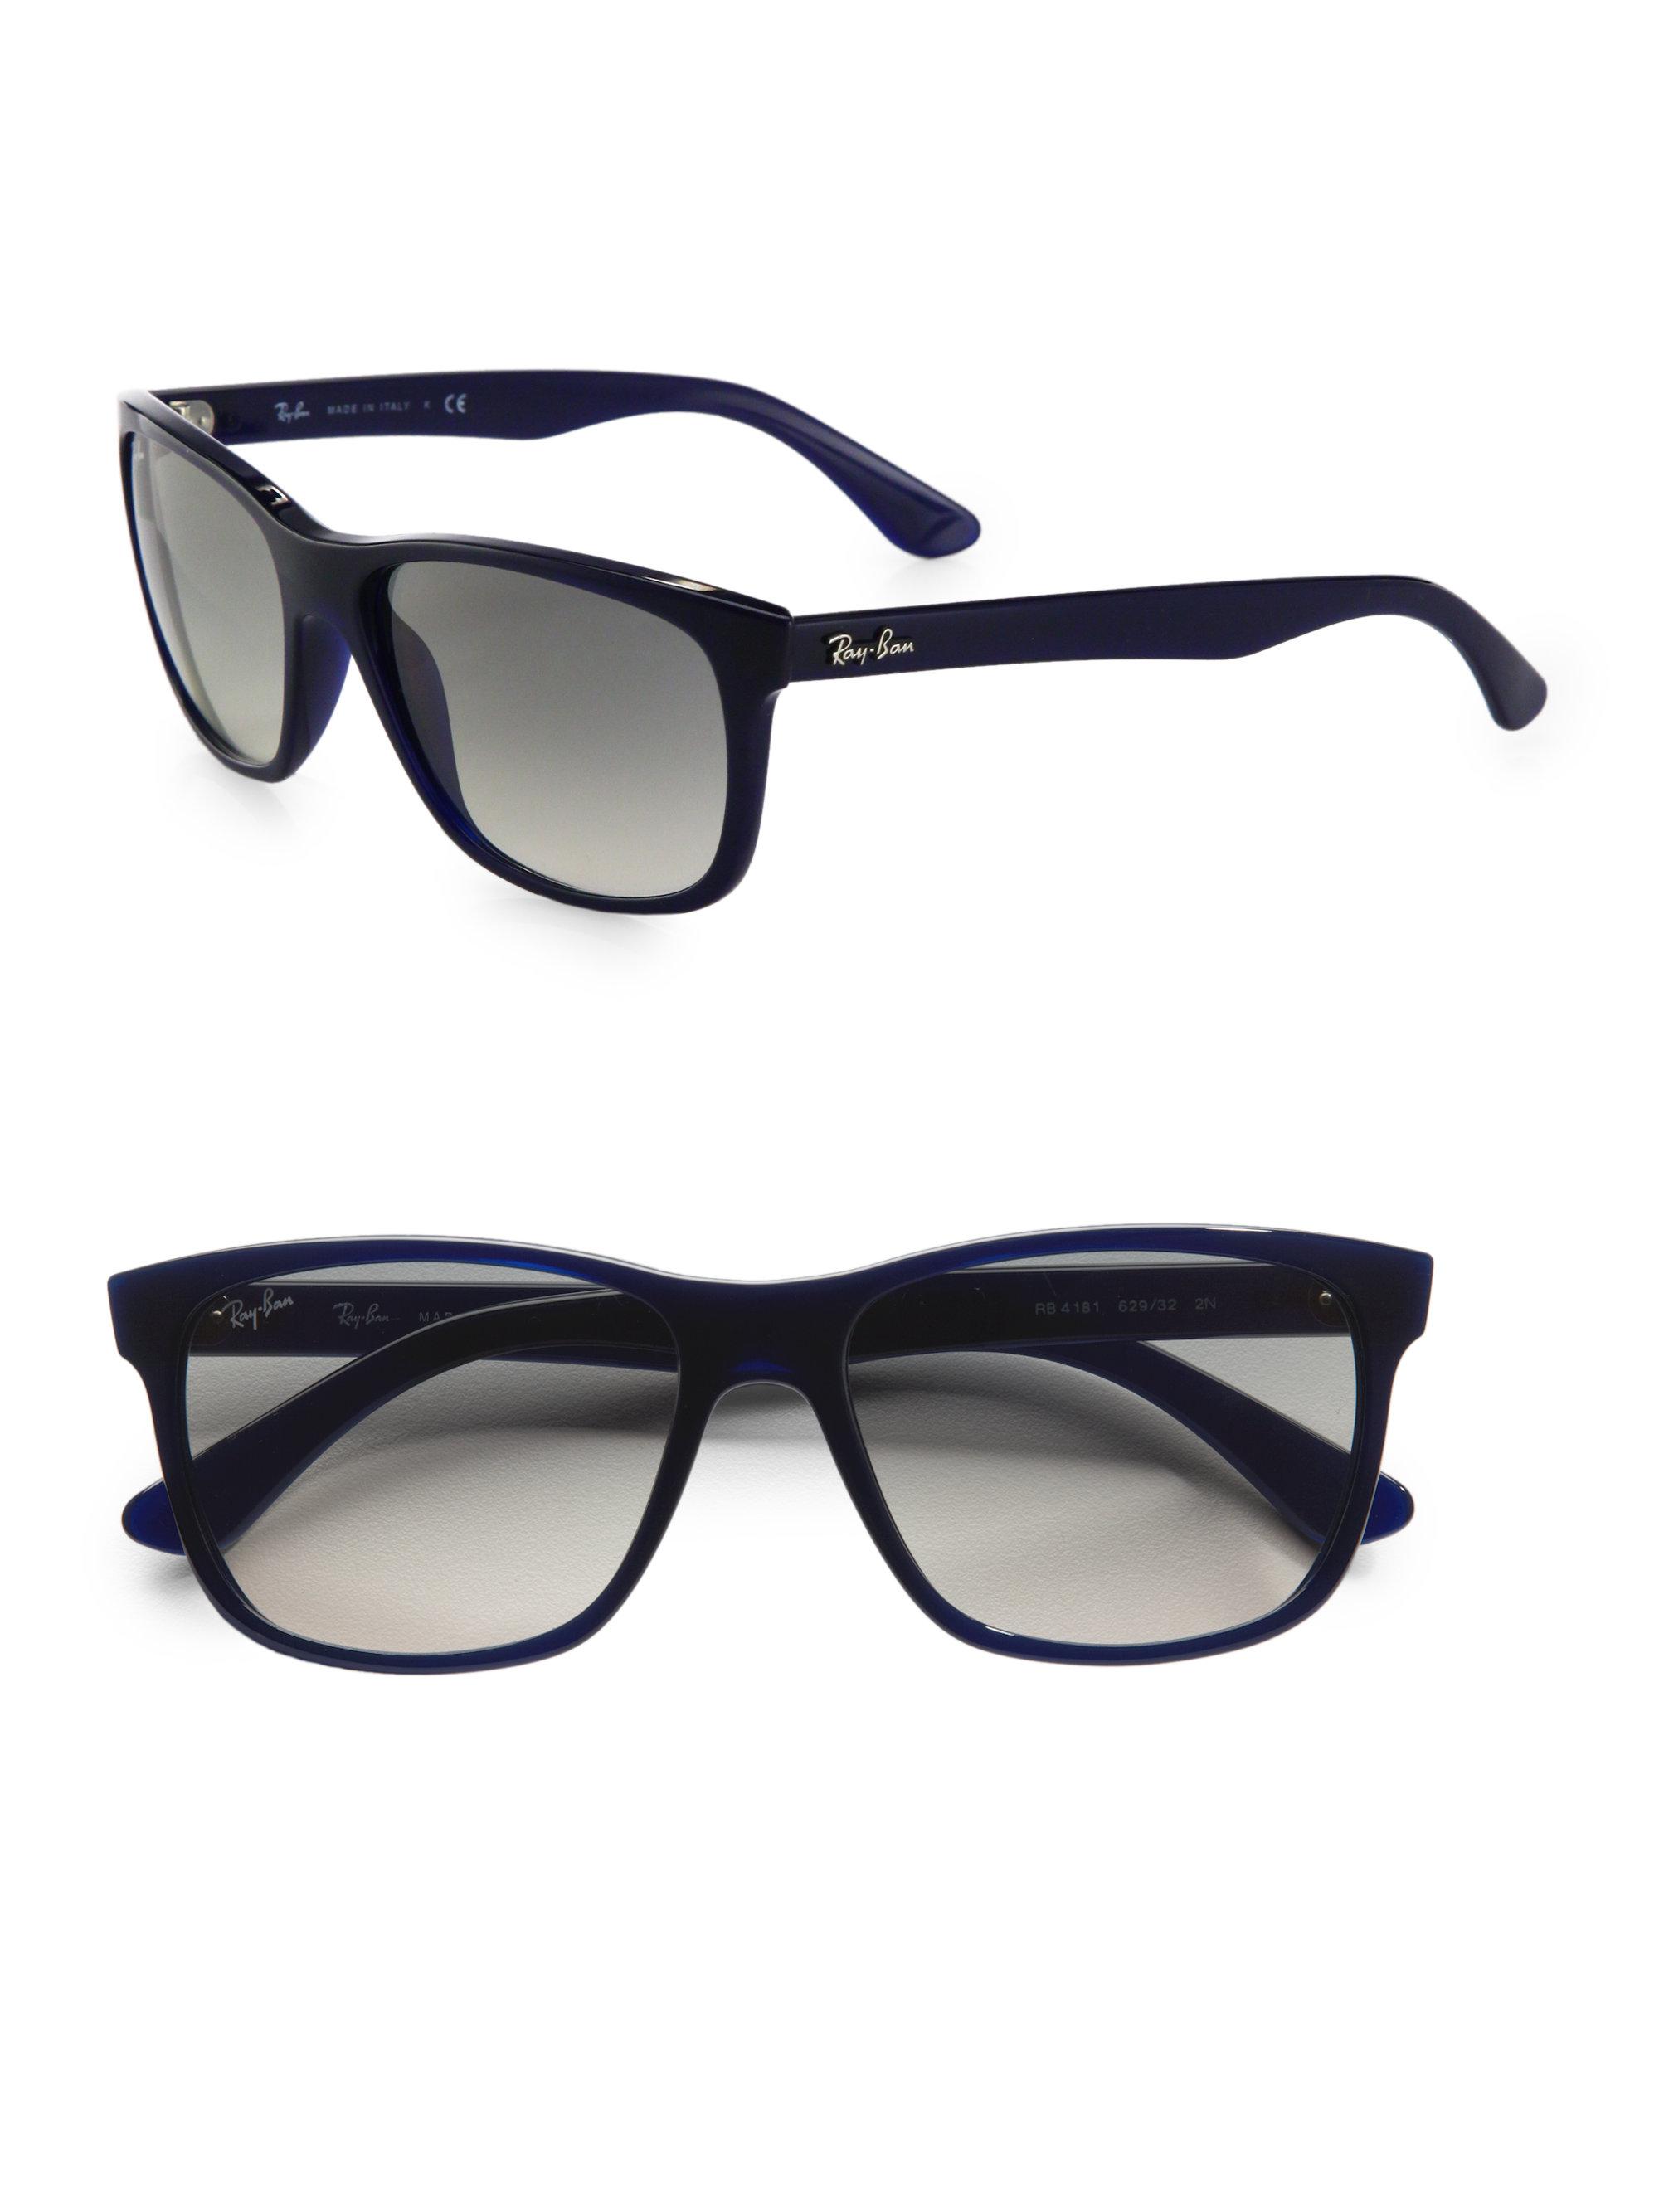 7d7ebdf5c6 Ray Ban Square Sunglasses Black « Heritage Malta